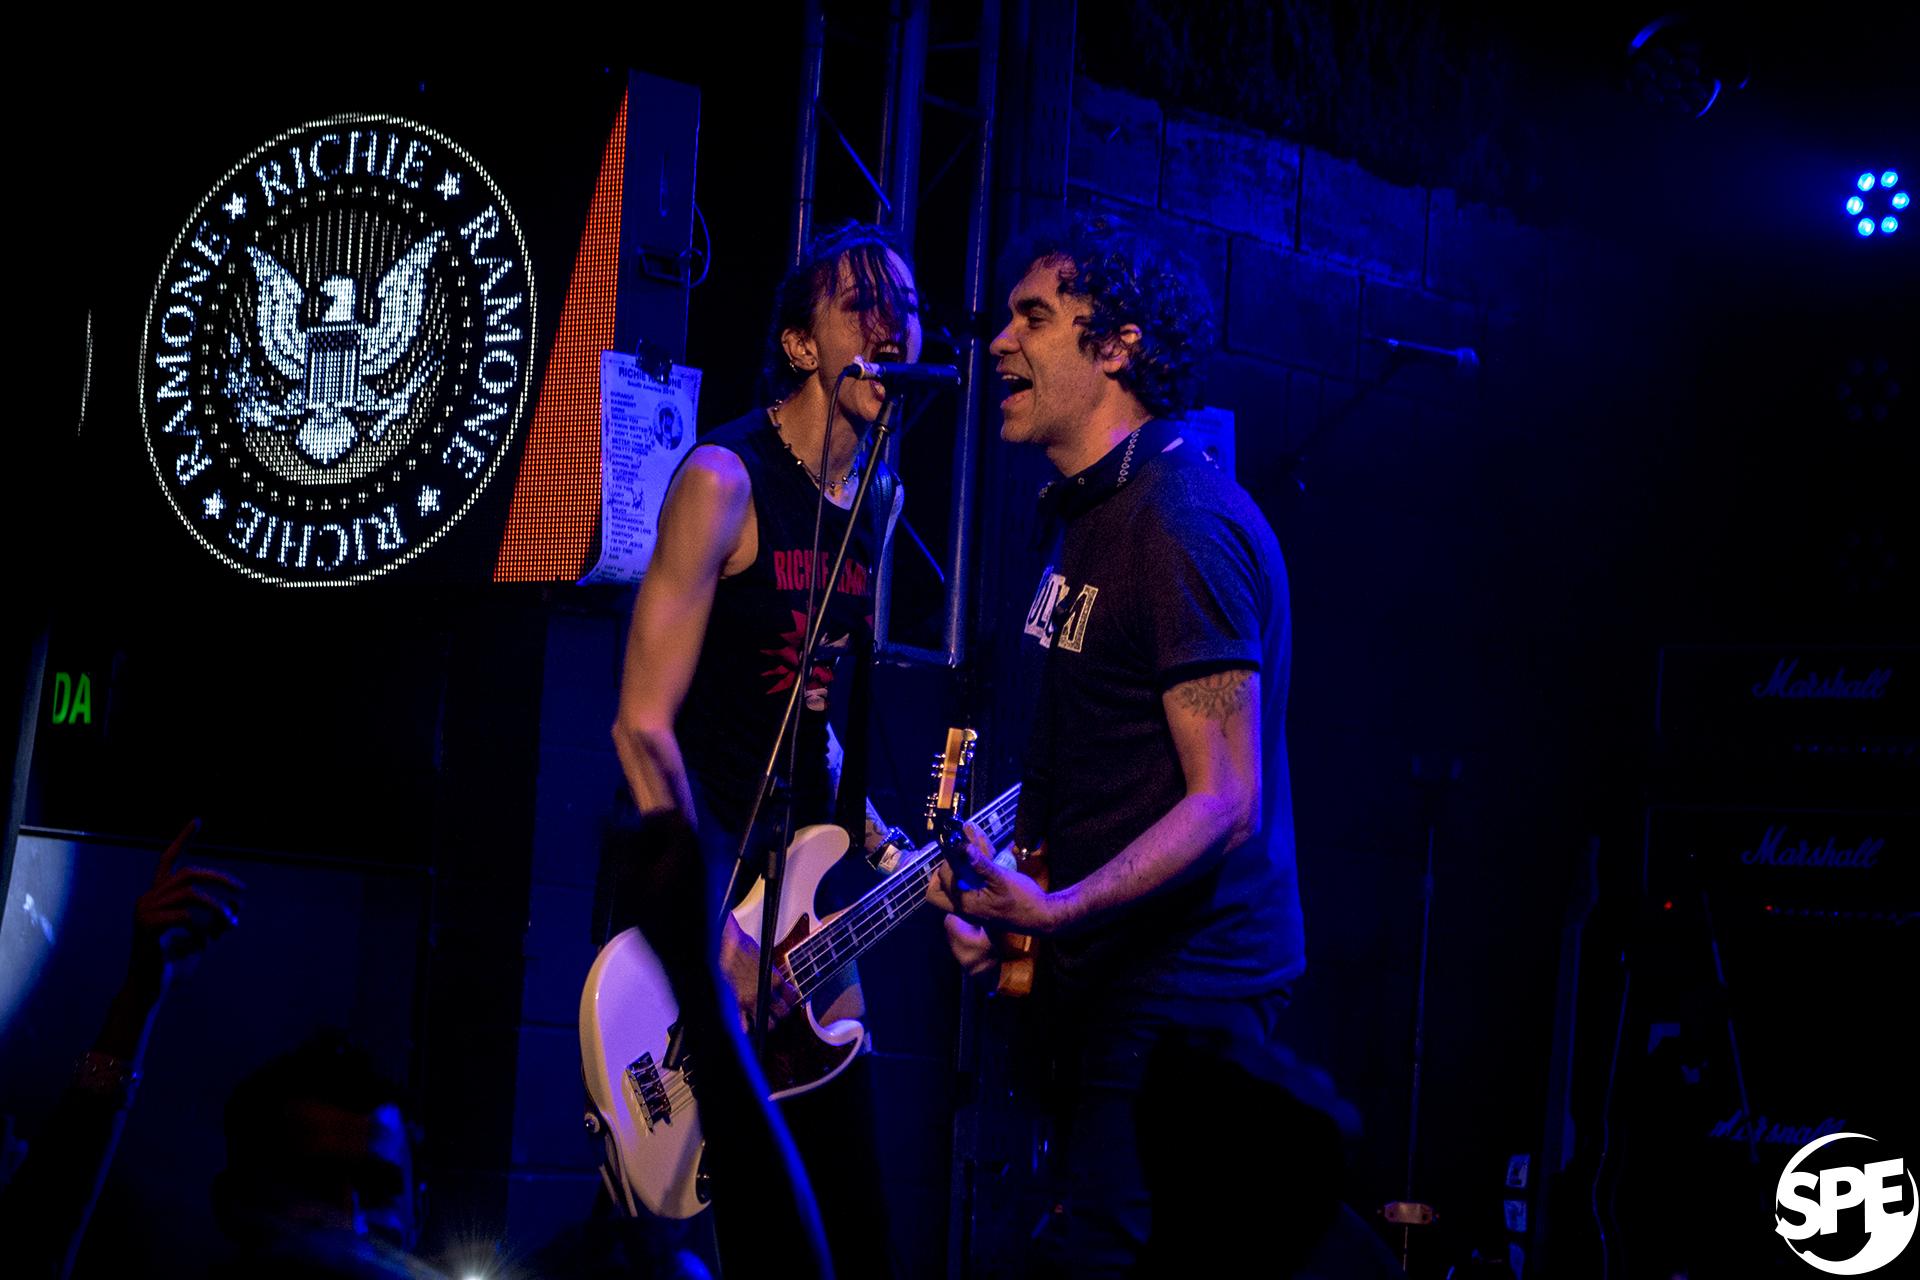 Richie-Ramone-Uniclub-02-05-18-Natalia-Vidal-Solo-Para-Entendidos_634.jpg